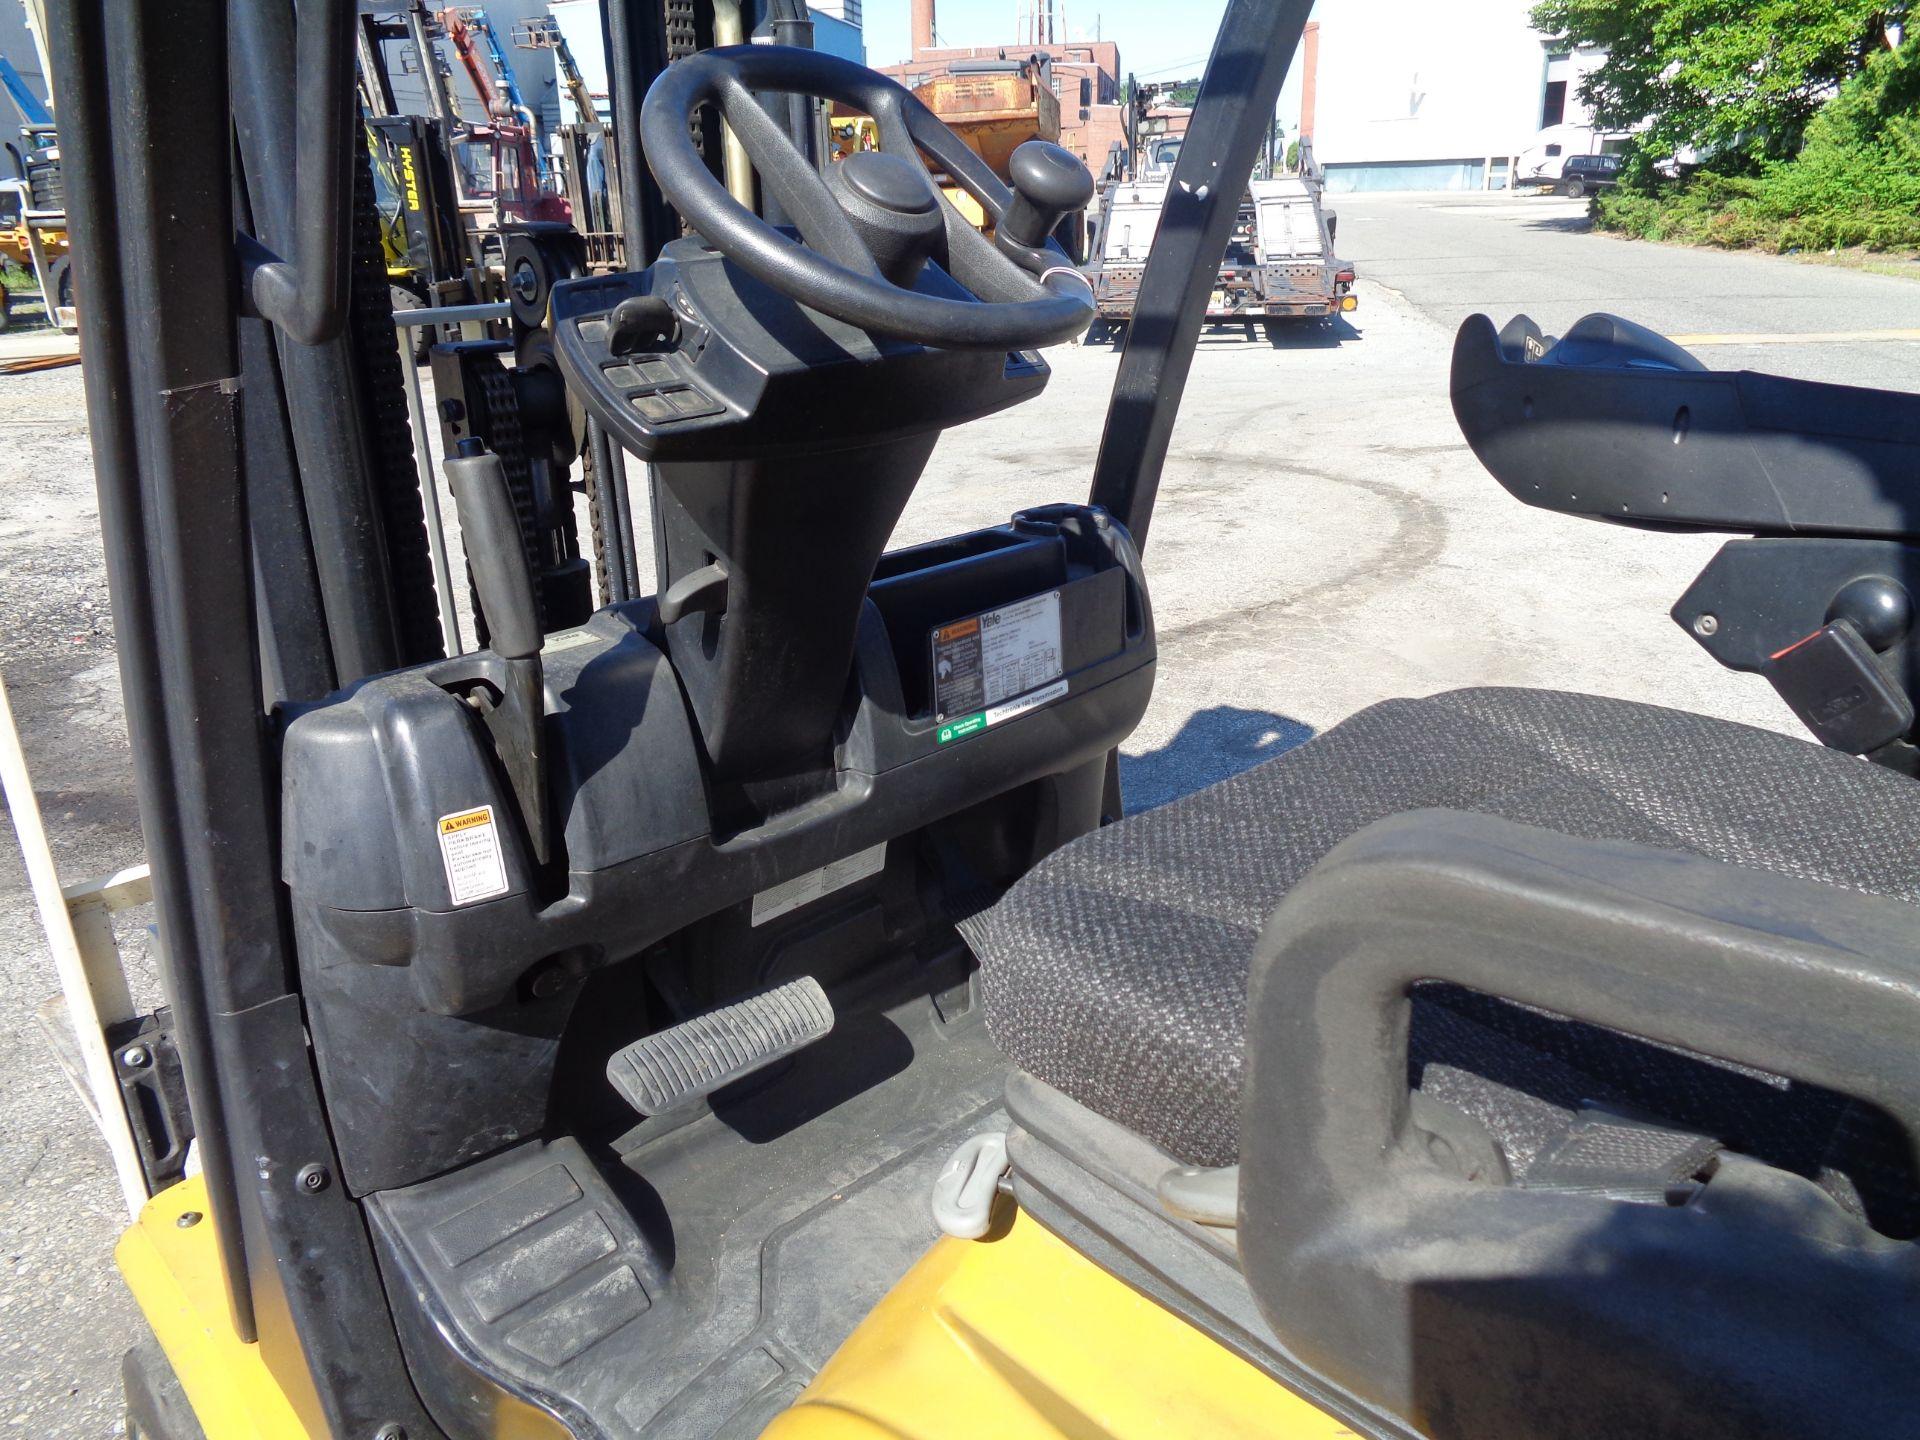 2015 Hyster H50FT 5,000 lb Forklift - Image 12 of 12